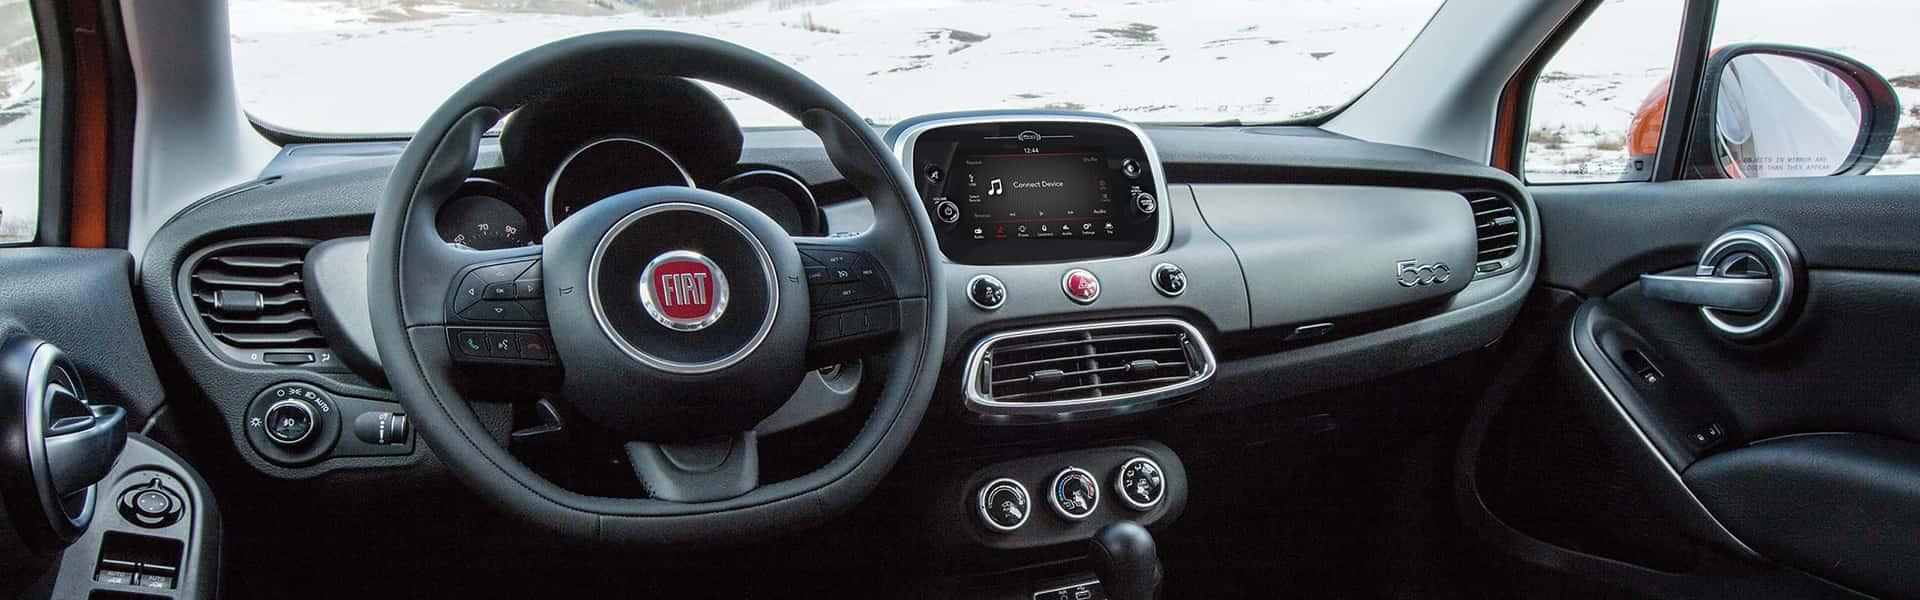 FIAT 500X - Intérieur